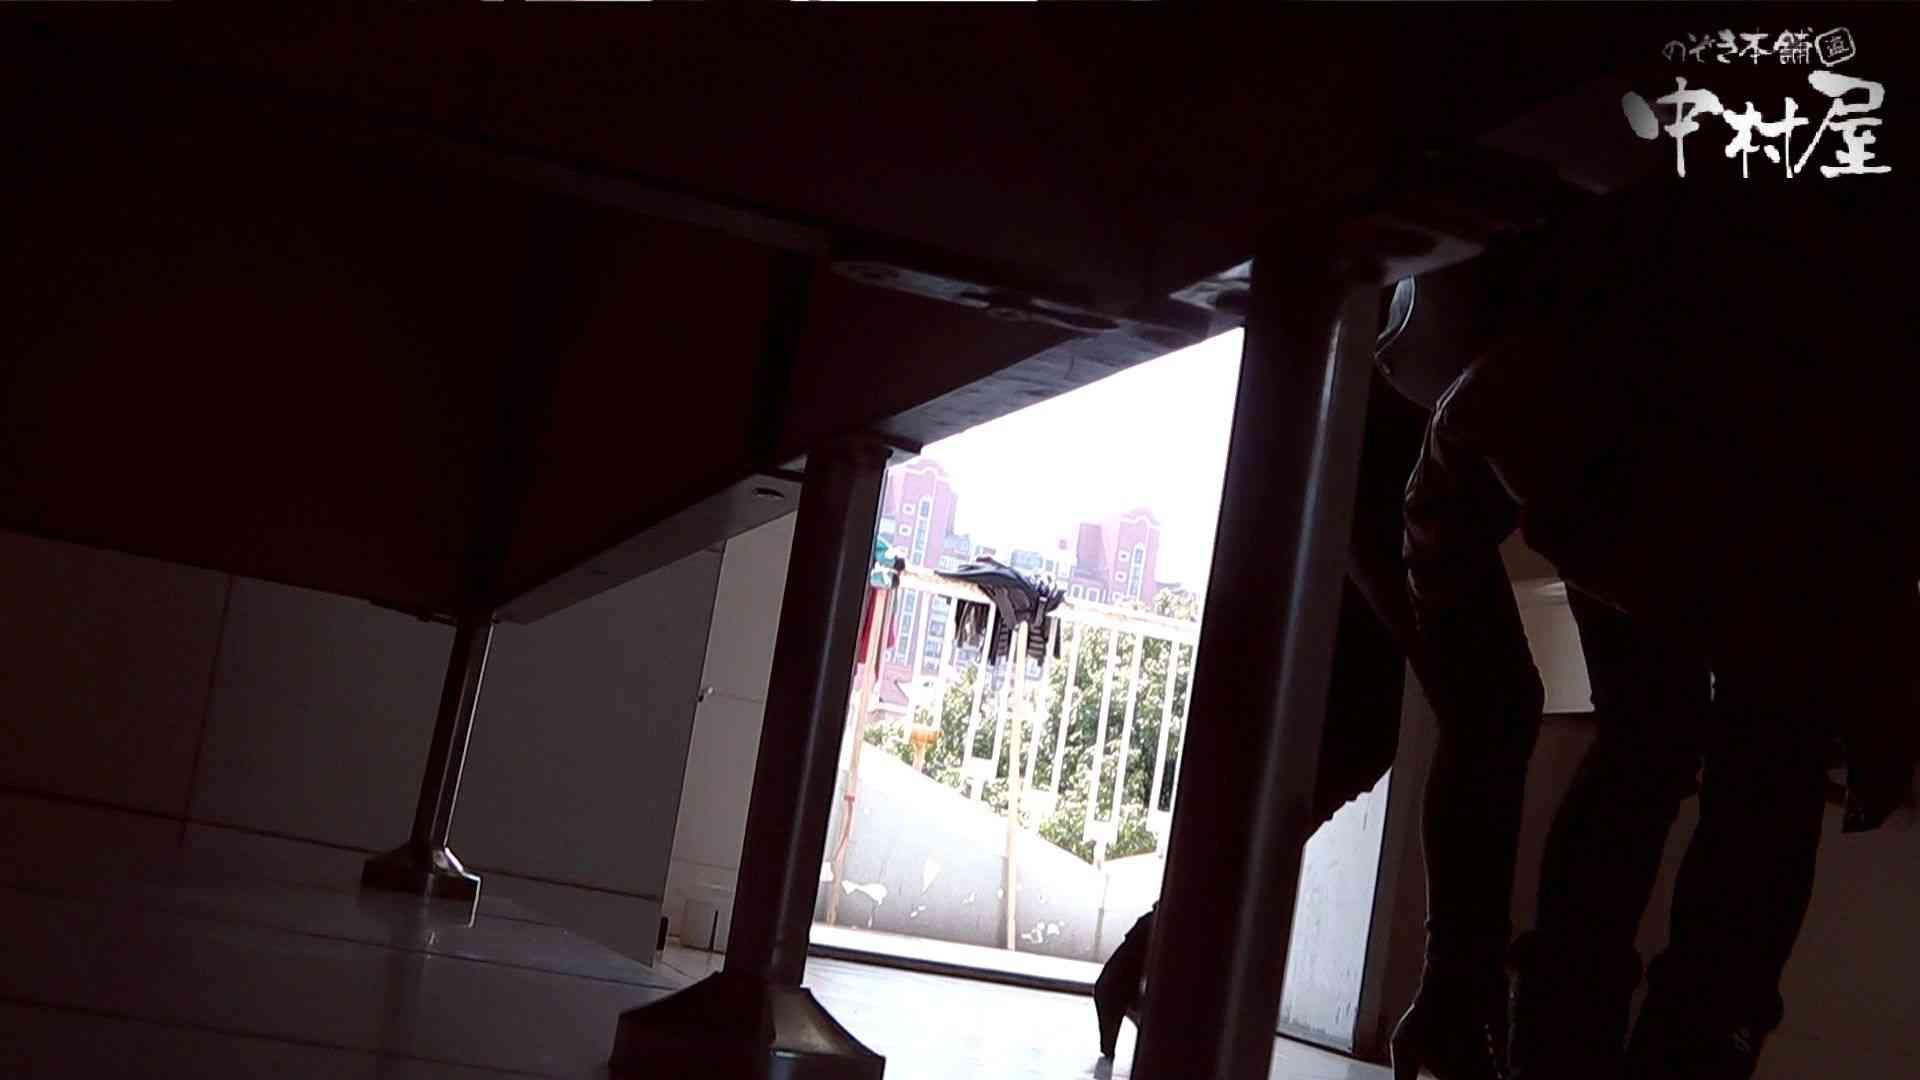 【世界の射窓から】世界の射窓から vol.5後編 美しいOLの裸体  76pic 54